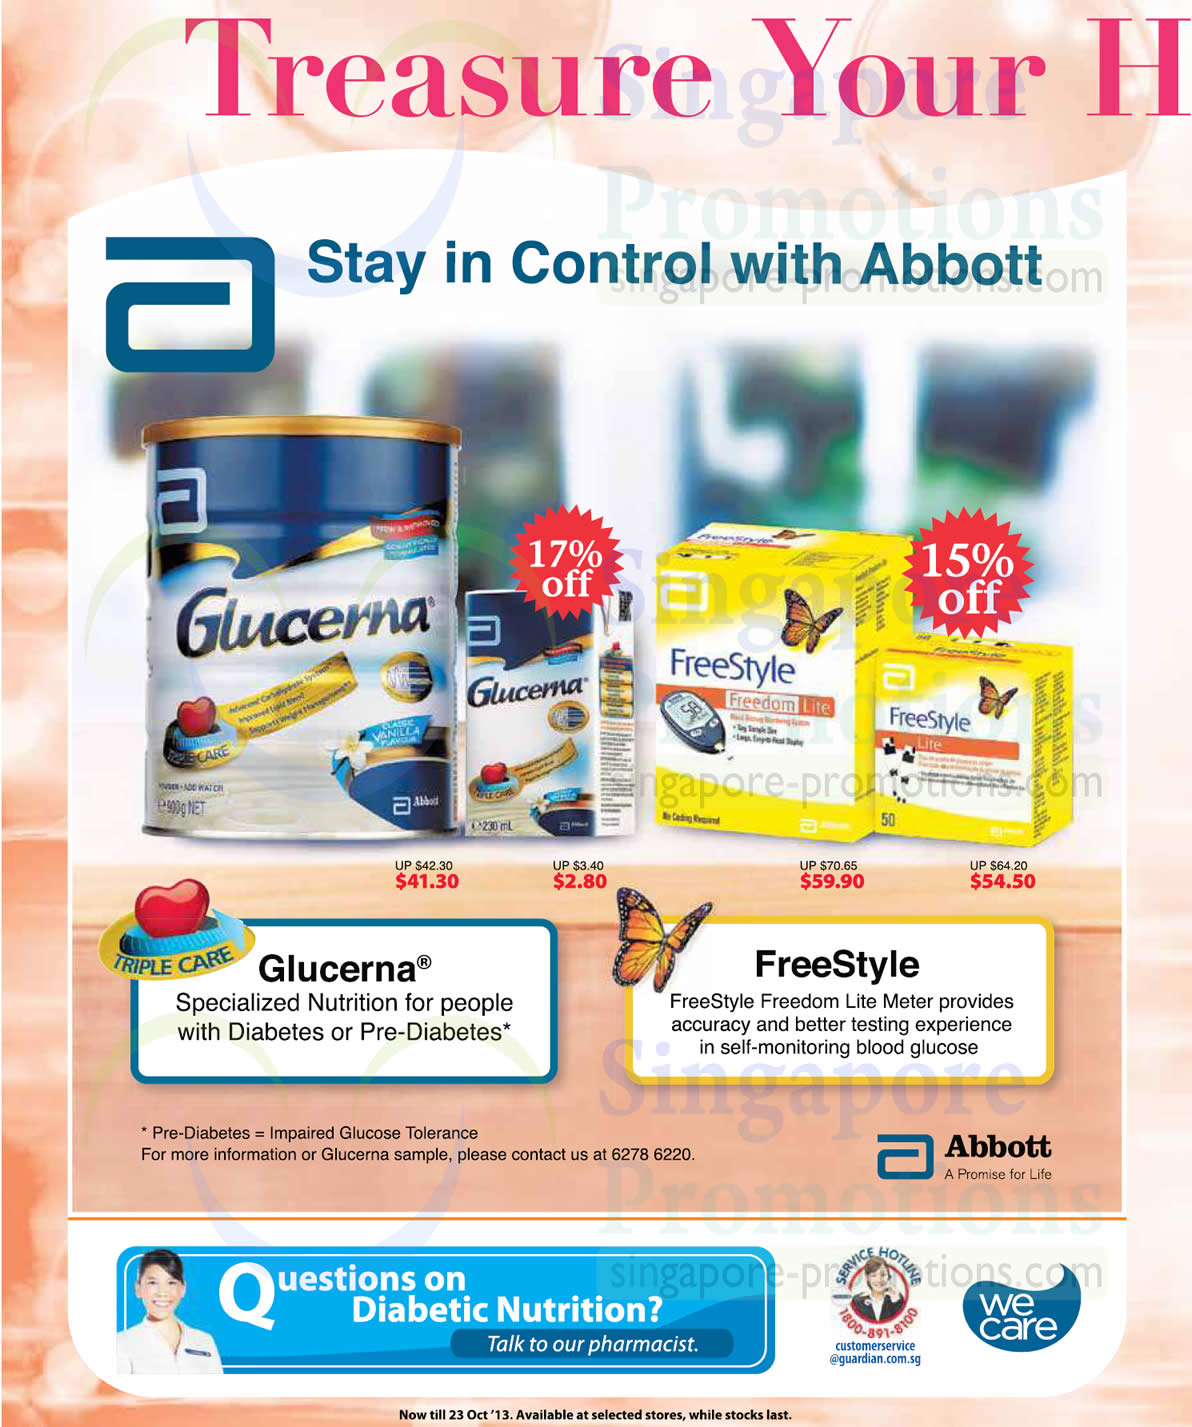 Abbott FreeStyle Freedom Lite Meter and Abbott Glucerna Formula